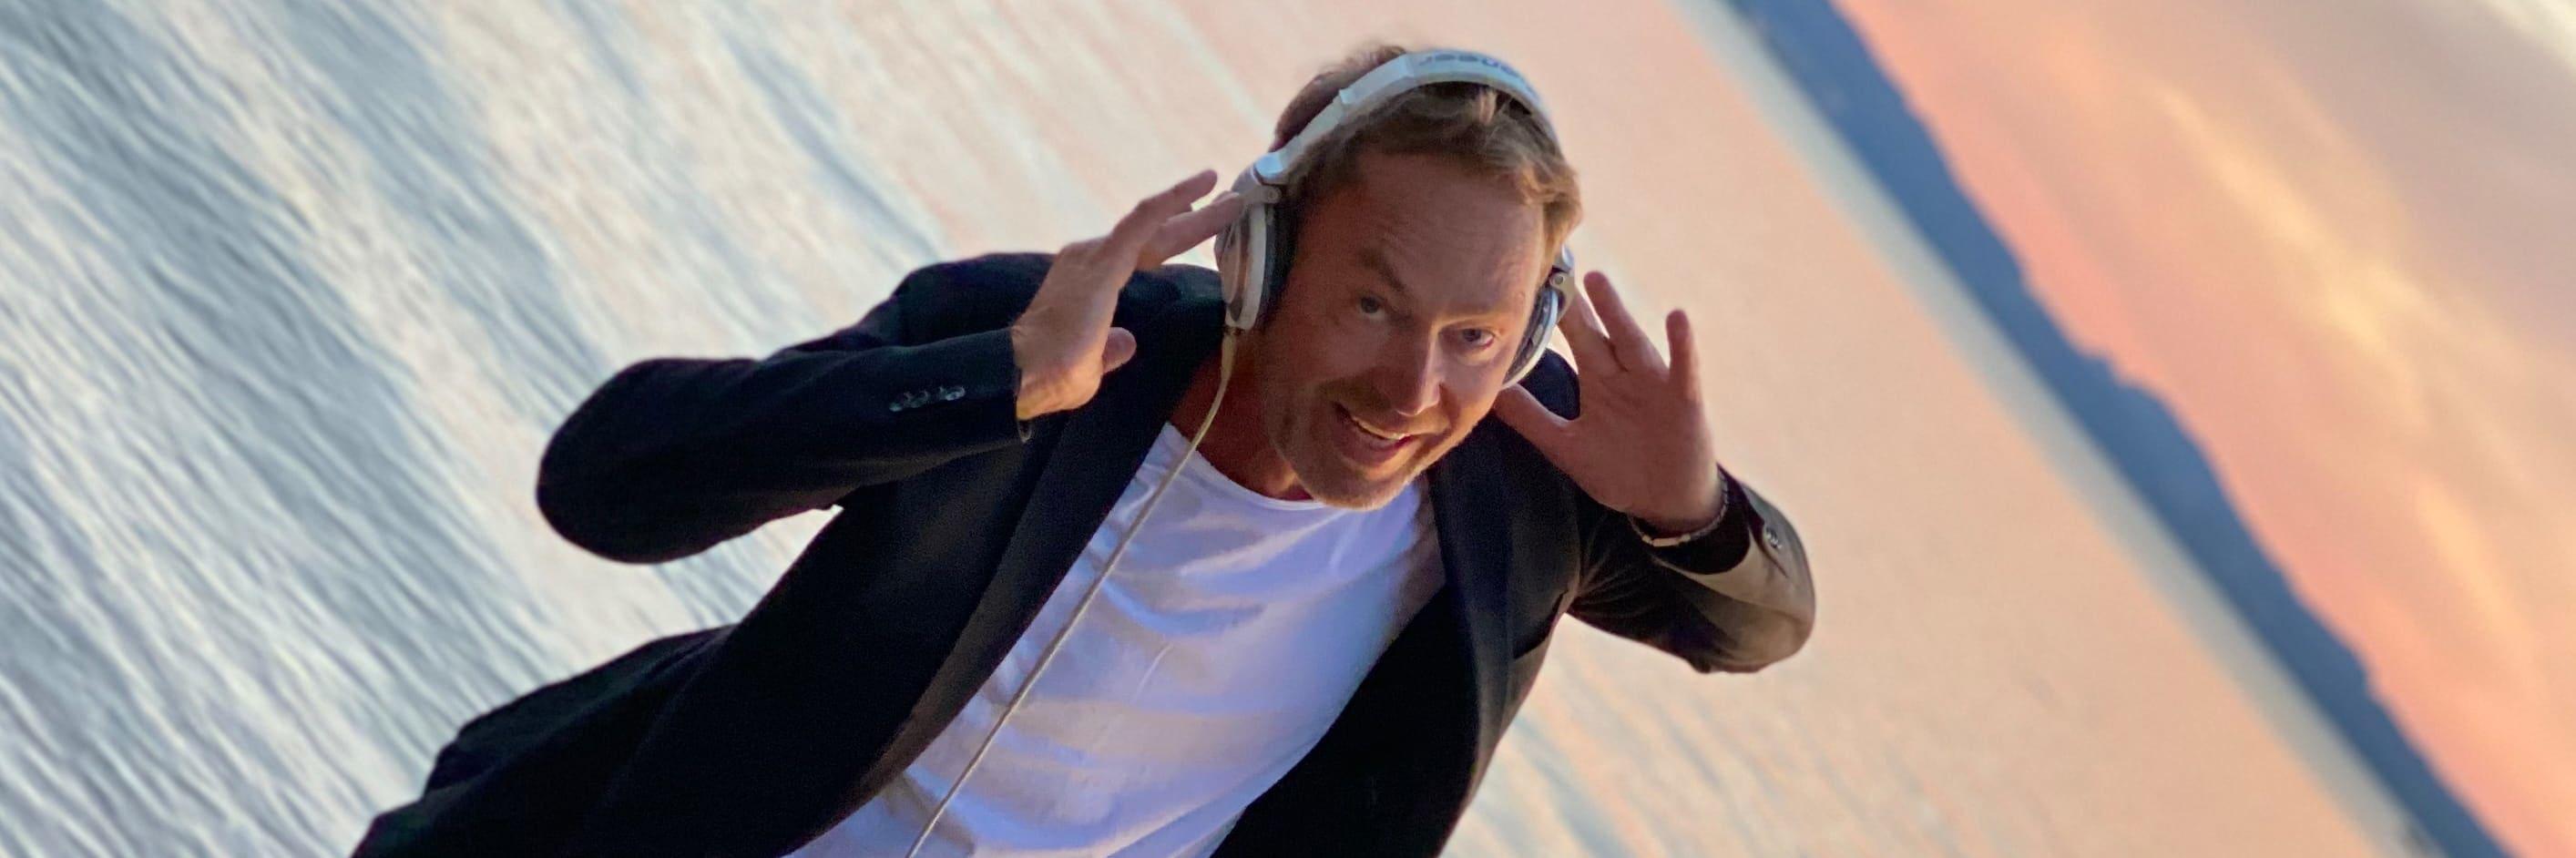 DJ Mike Lindström mit Köpfhörern